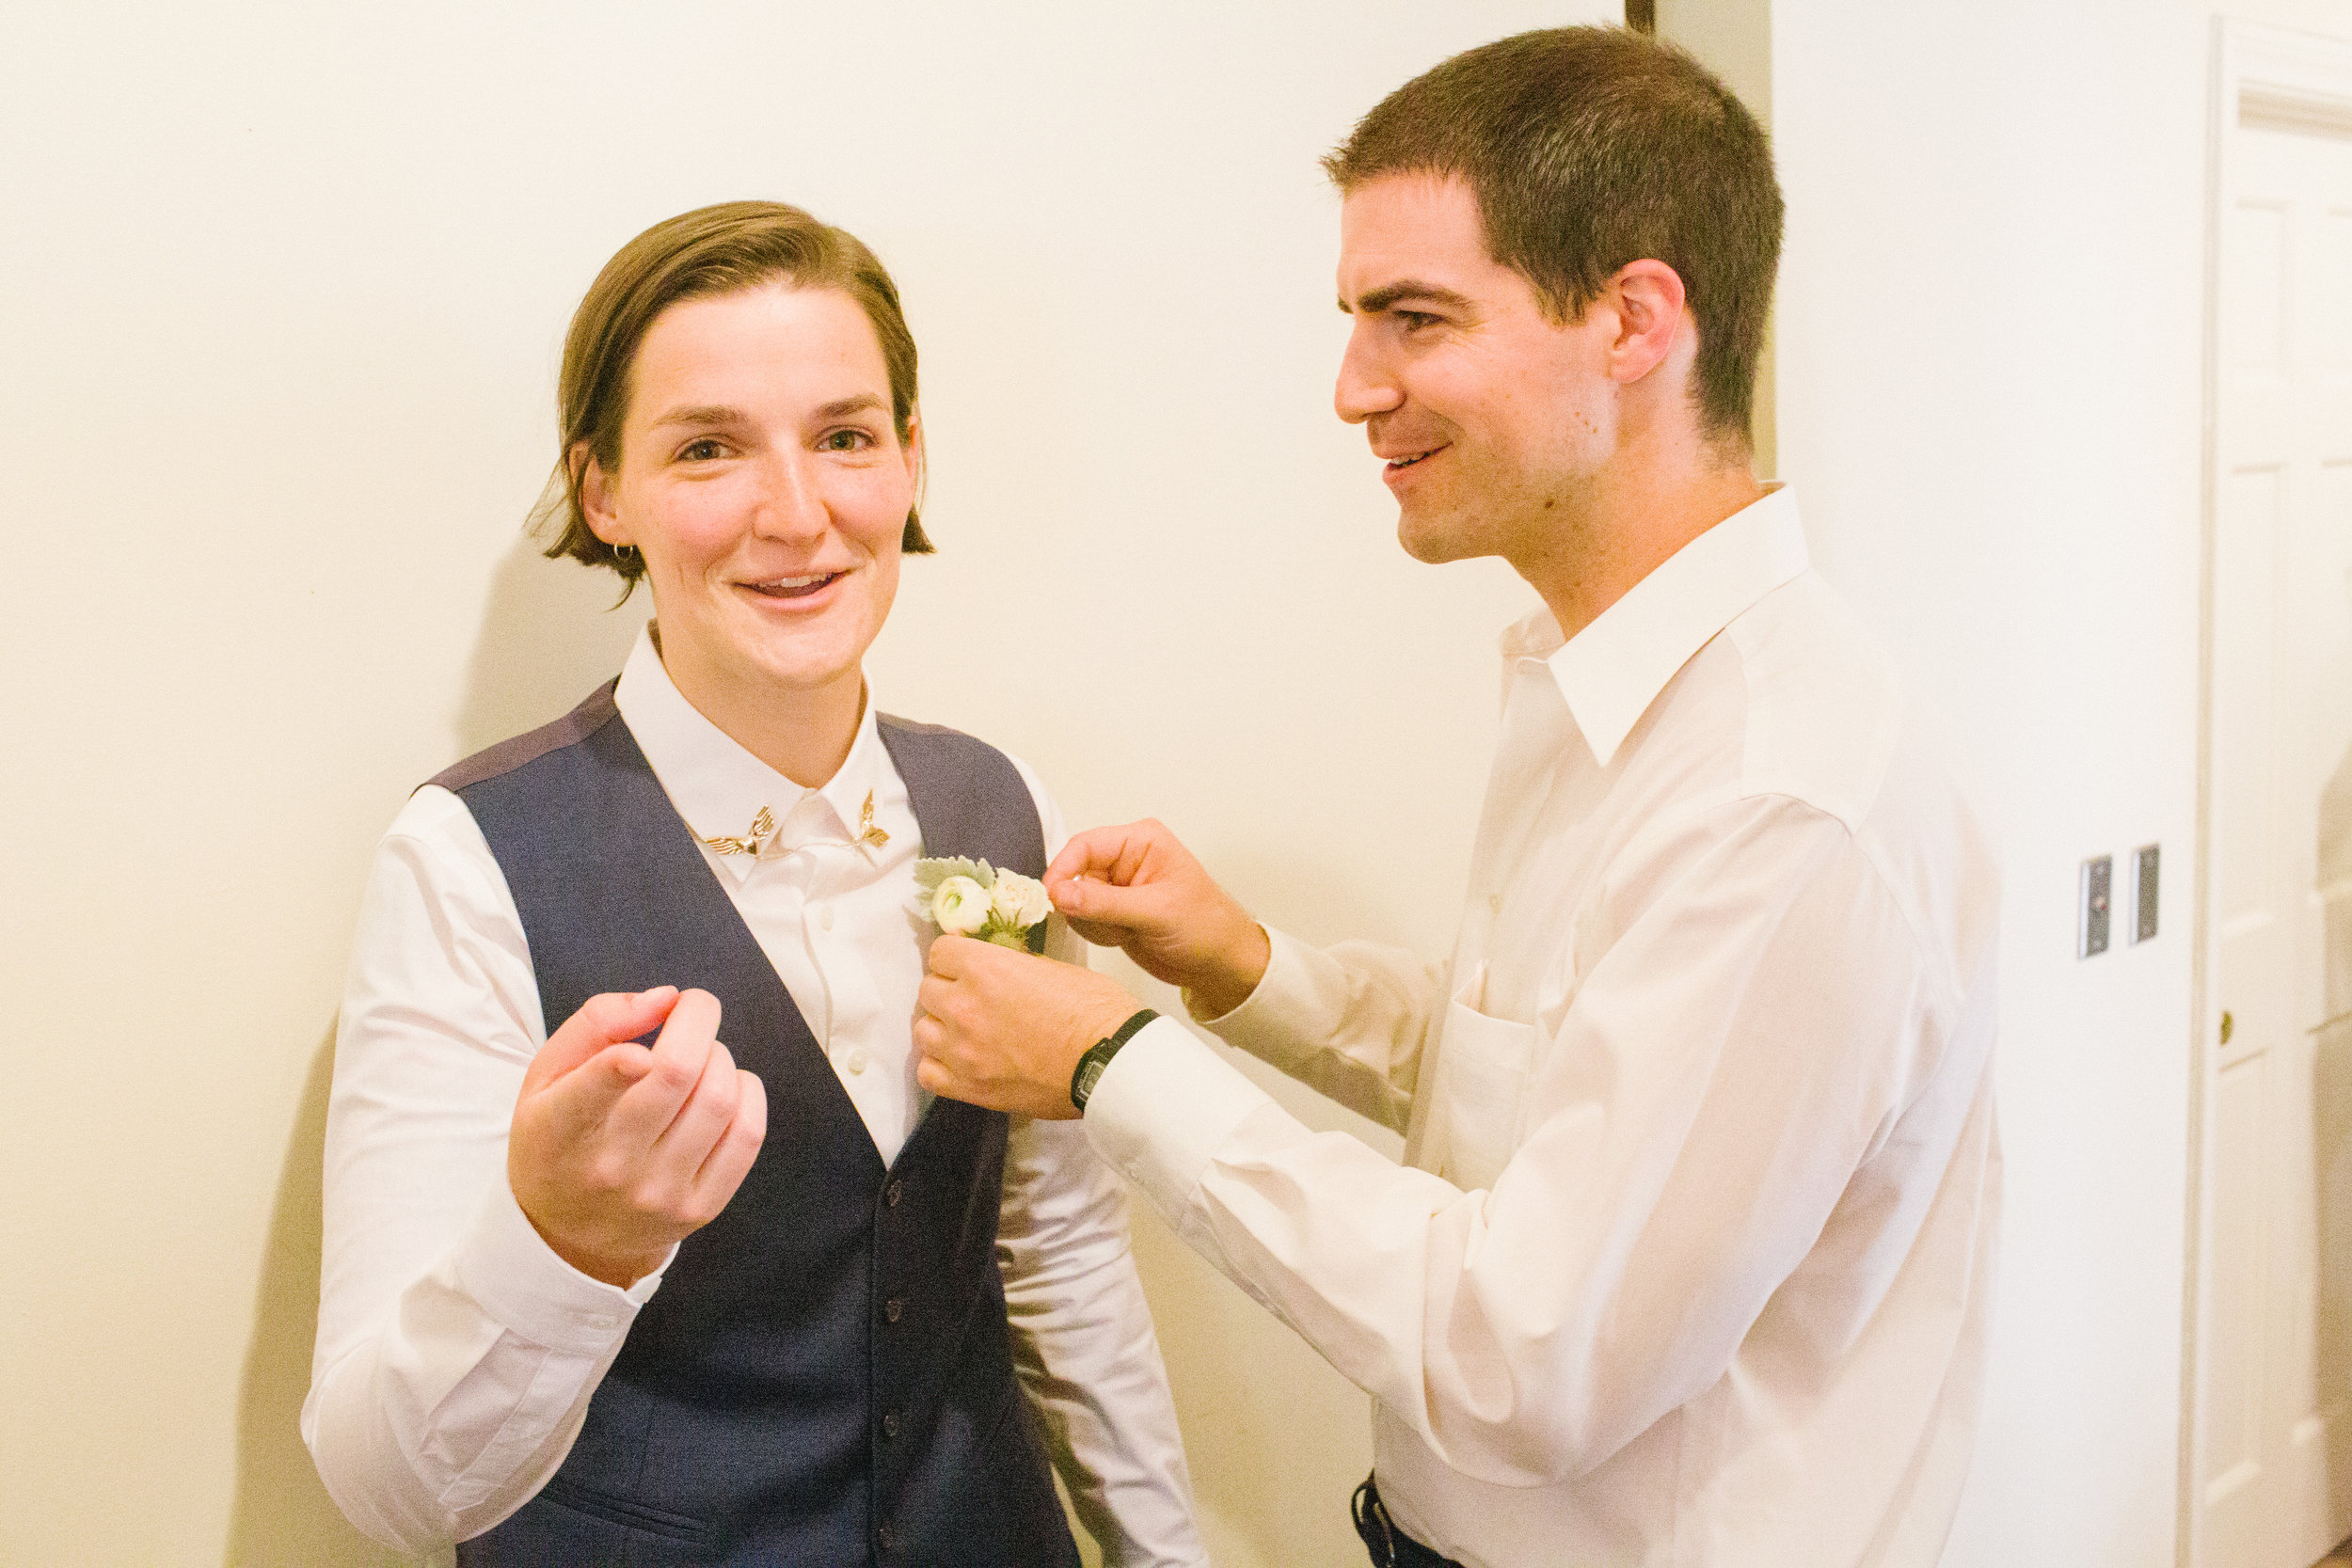 Wedding_Siblings_Getting_Ready